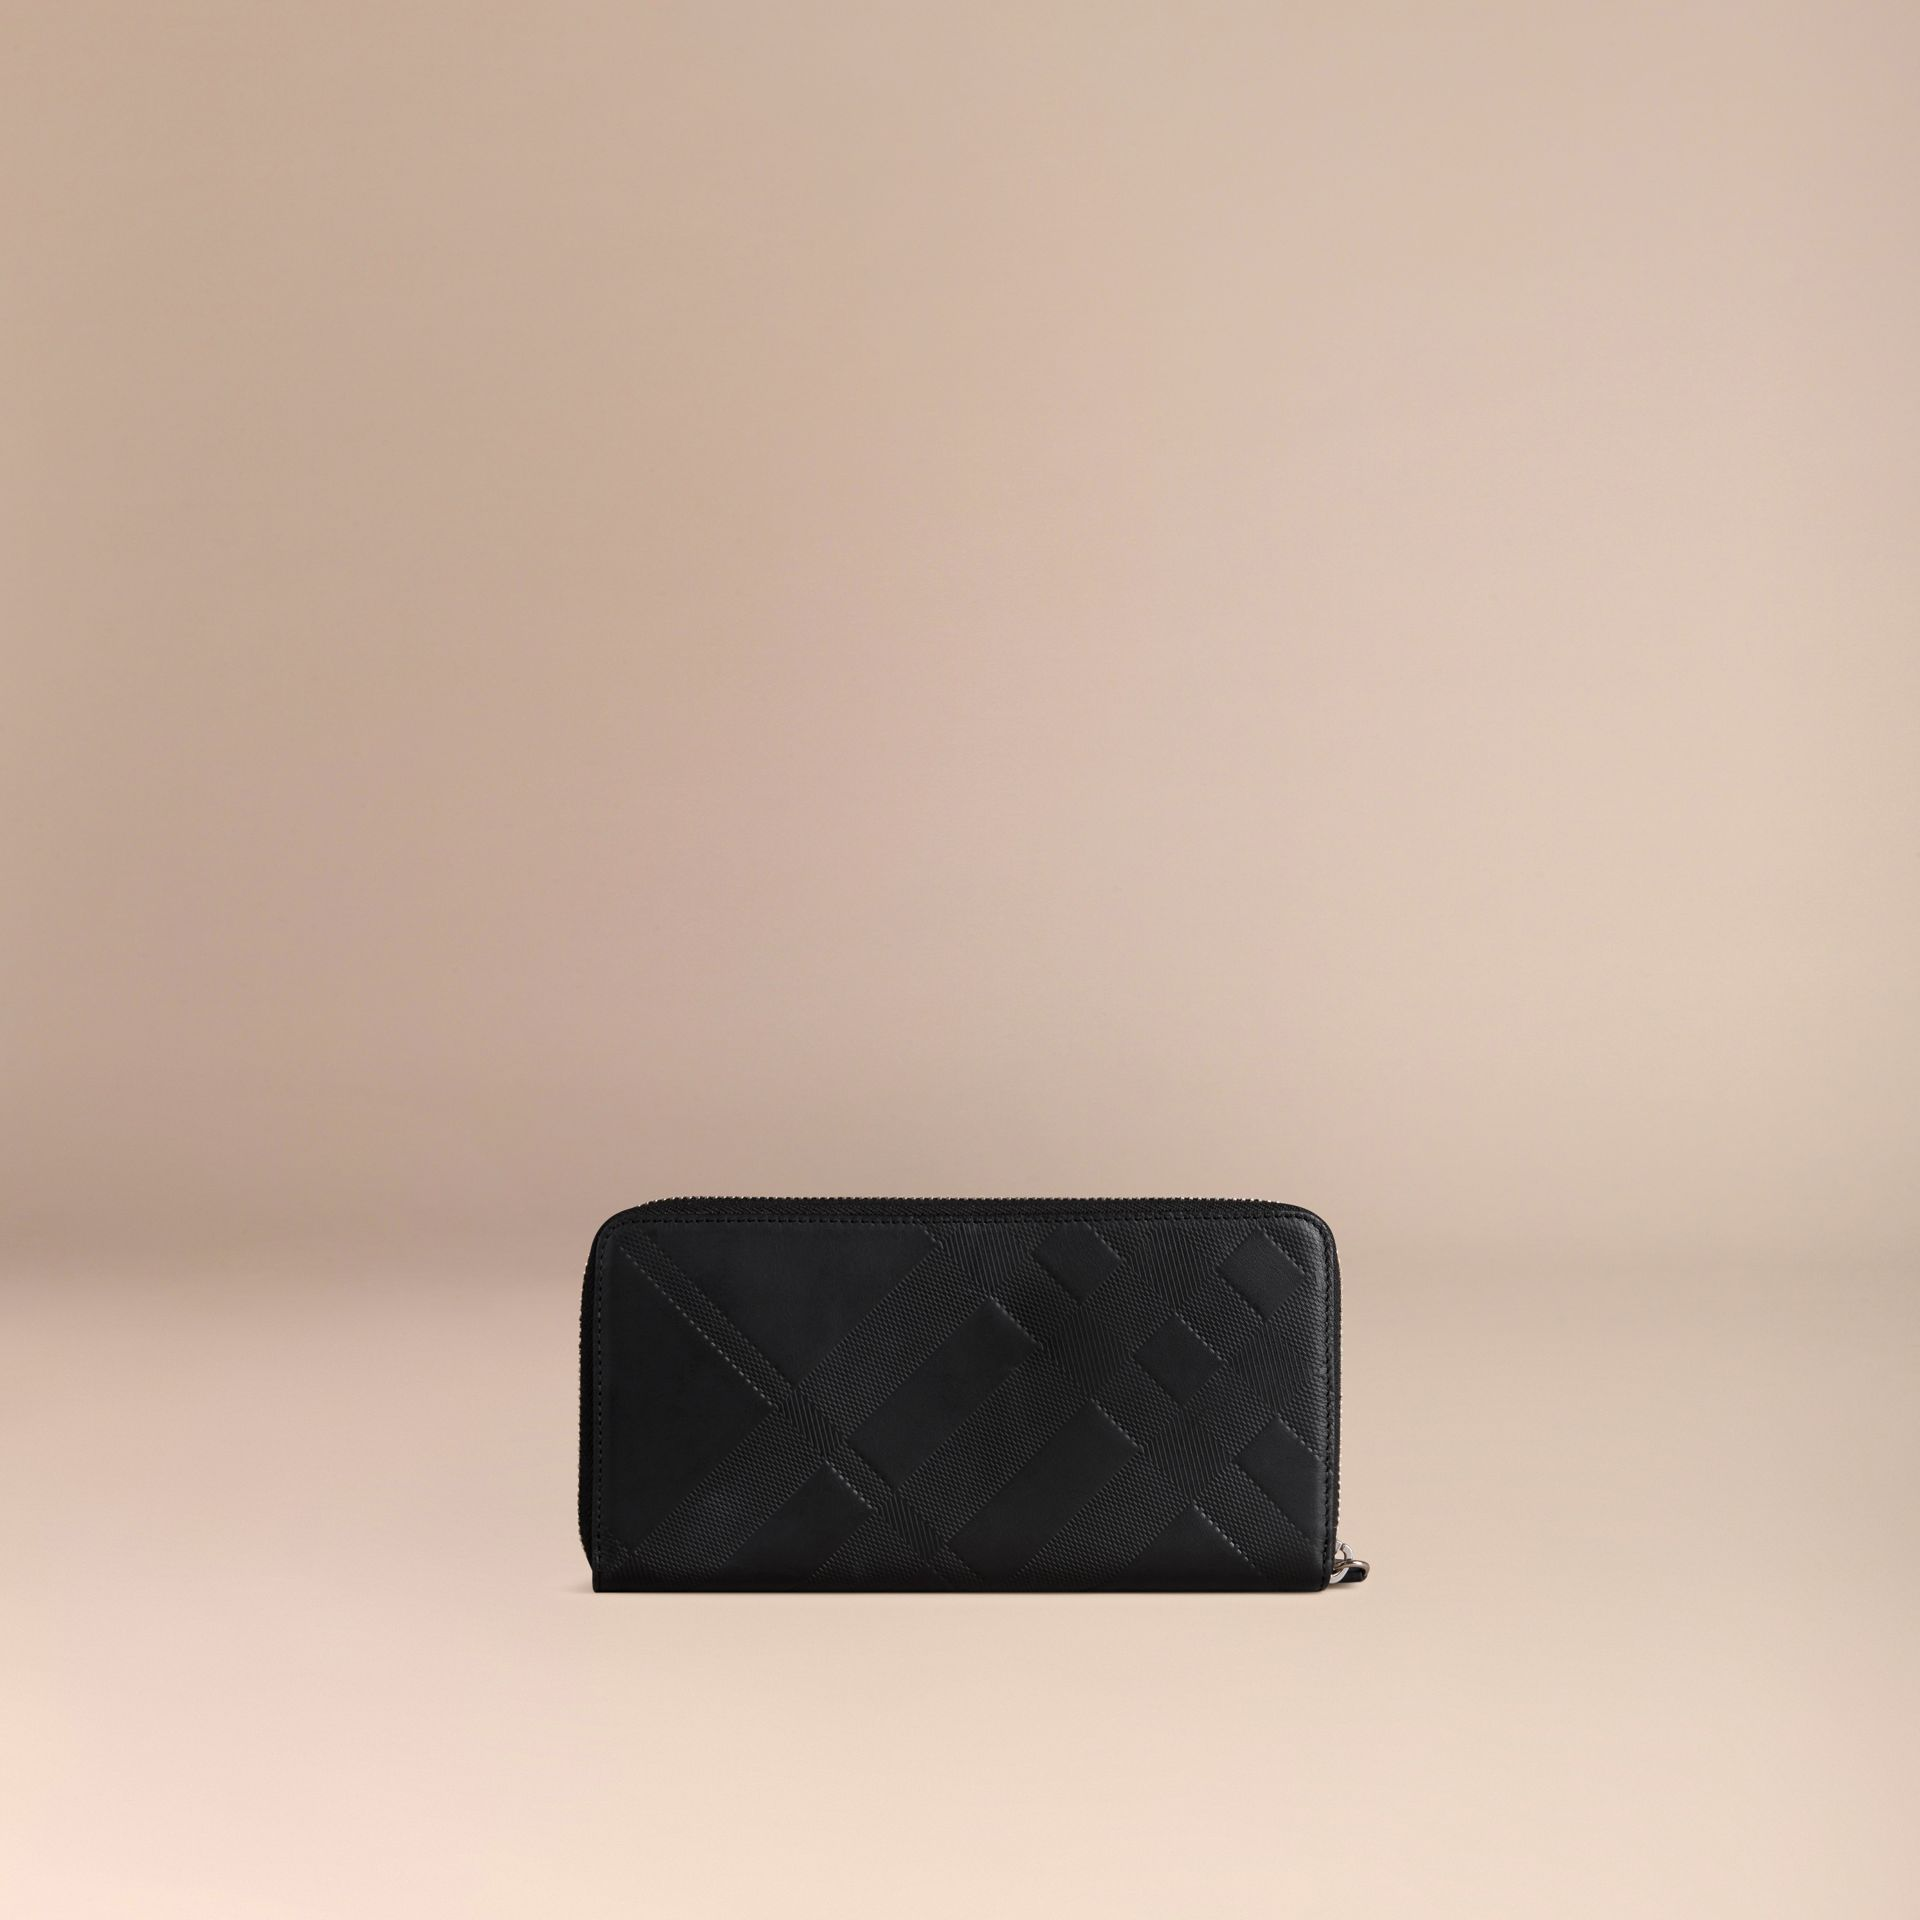 Noir Portefeuille zippé en cuir à motif check estampé Noir - photo de la galerie 4